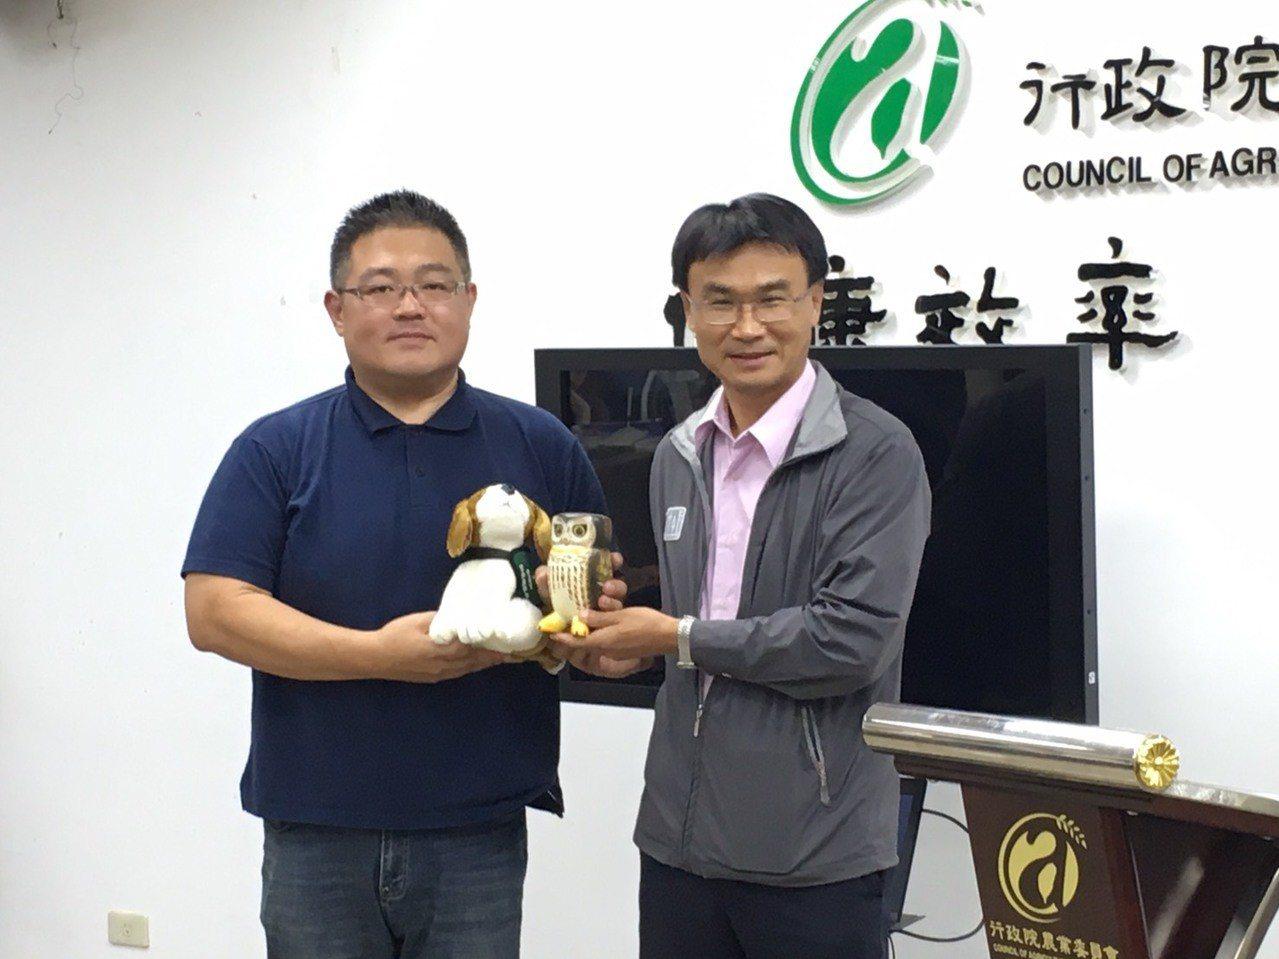 農委會主委陳吉仲(右)致贈禮物感謝首位發現秋行軍蟲的張先生。記者吳姿賢/攝影